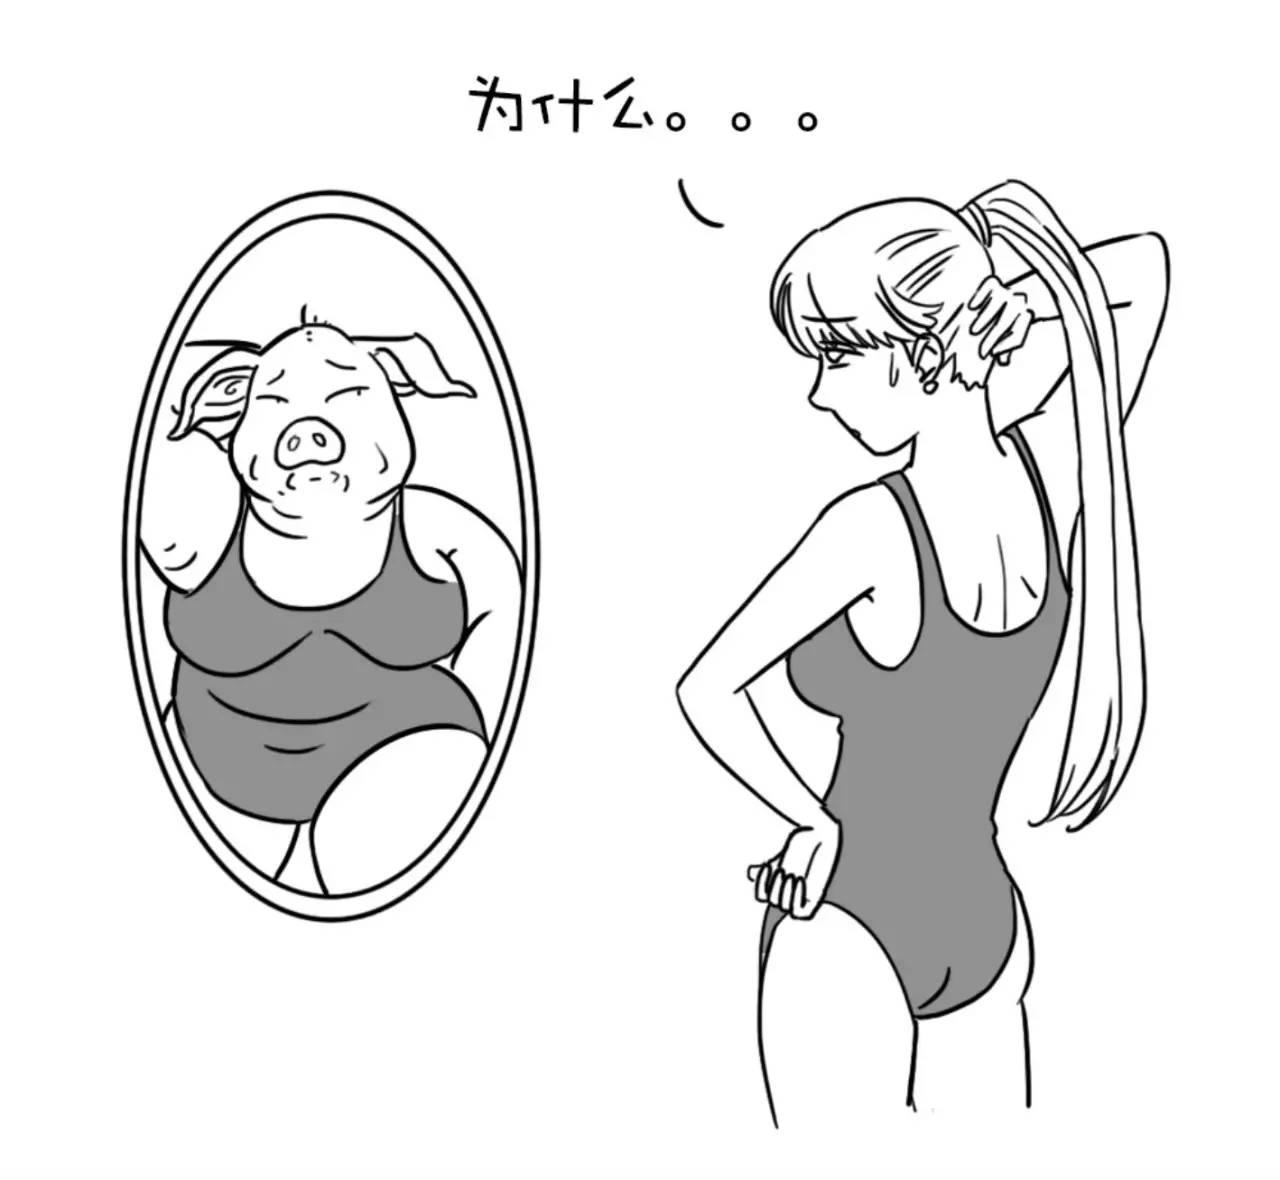 再美的女人照镜子都觉得自己丑毙了.